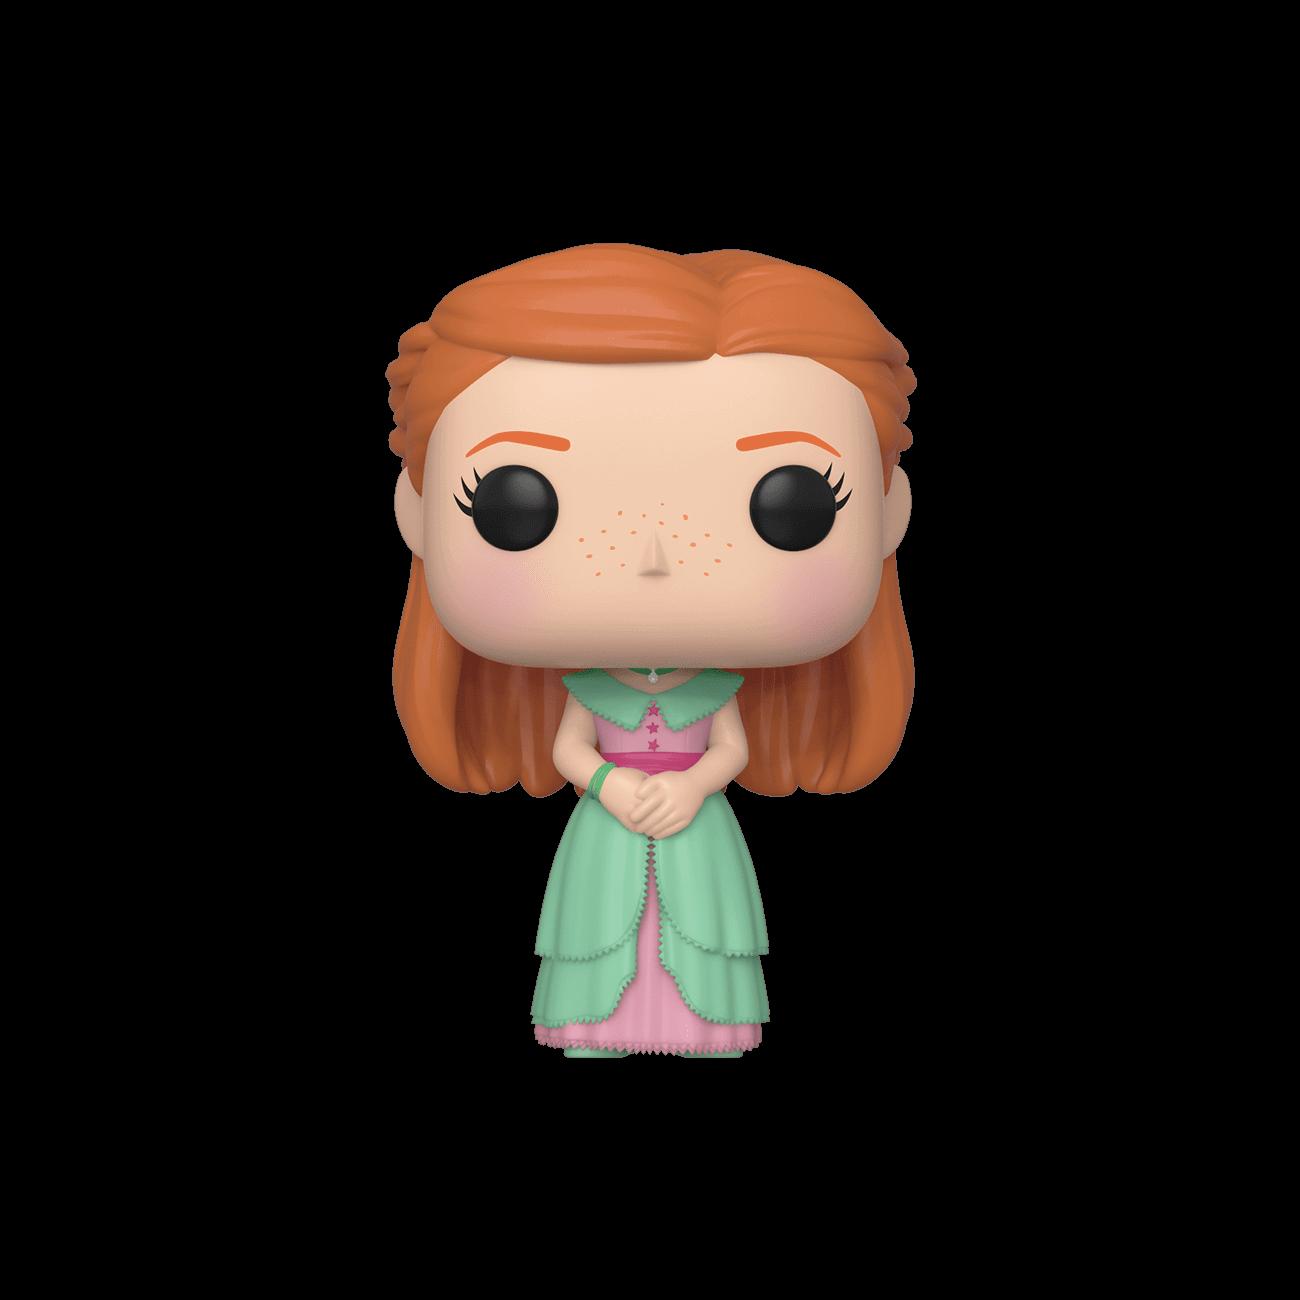 POP! Harry Potter: Ginny Weasley (Yule Ball)